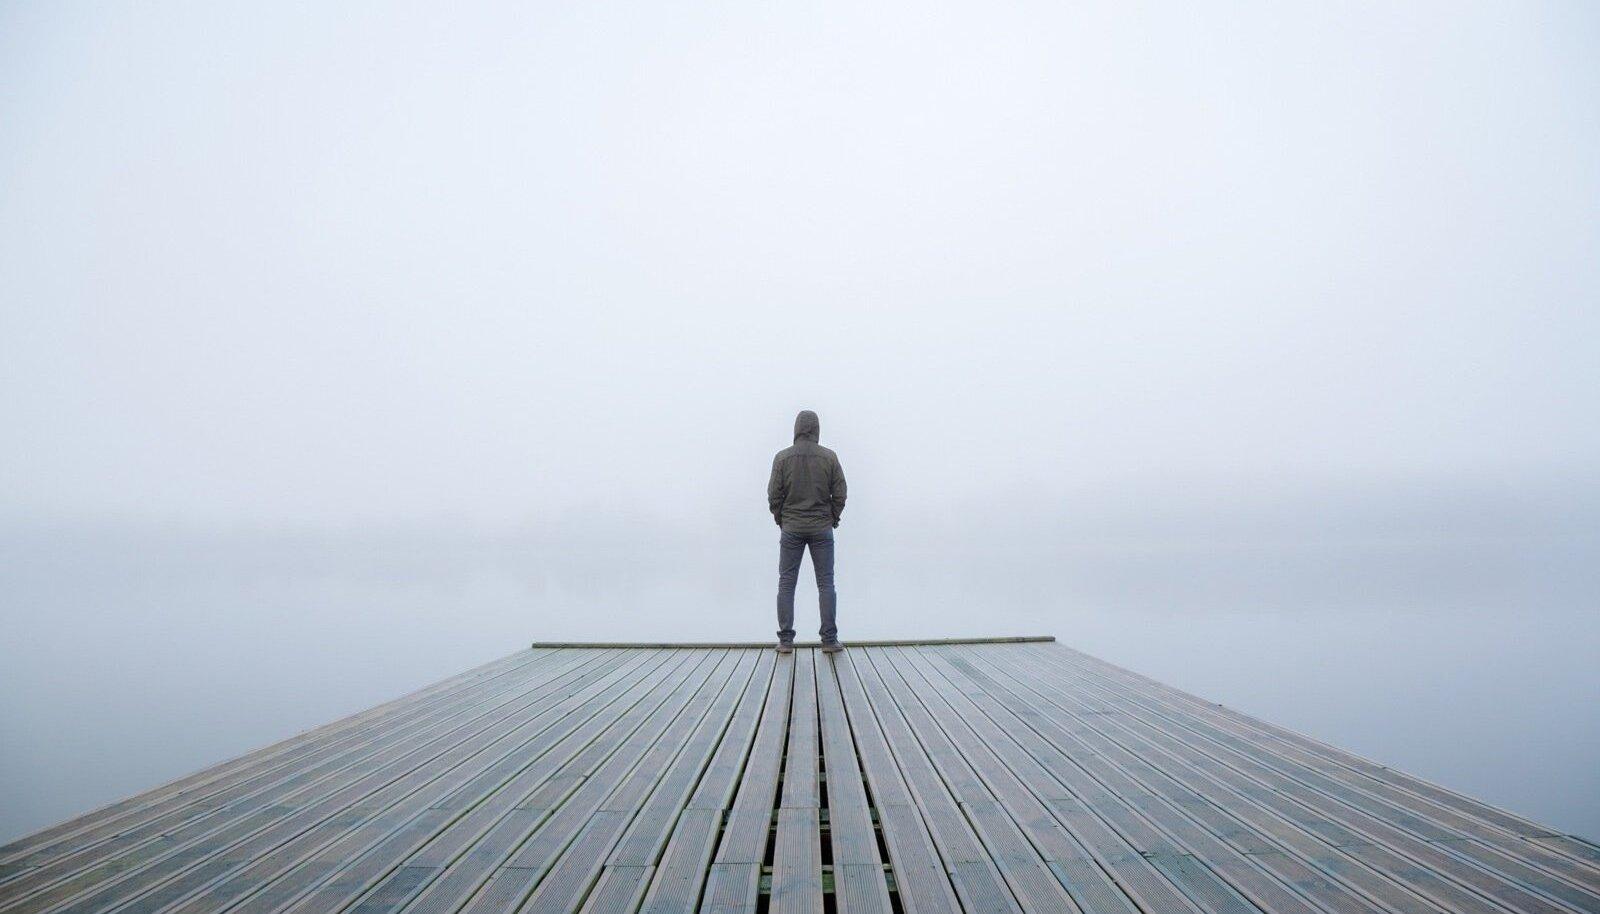 Sageli takerdub probleem psühhiaatrilise abi nappuse taha. Järjekorrad on pikad, haigus süveneb ja halvimal juhul arstini ei jõutagi.